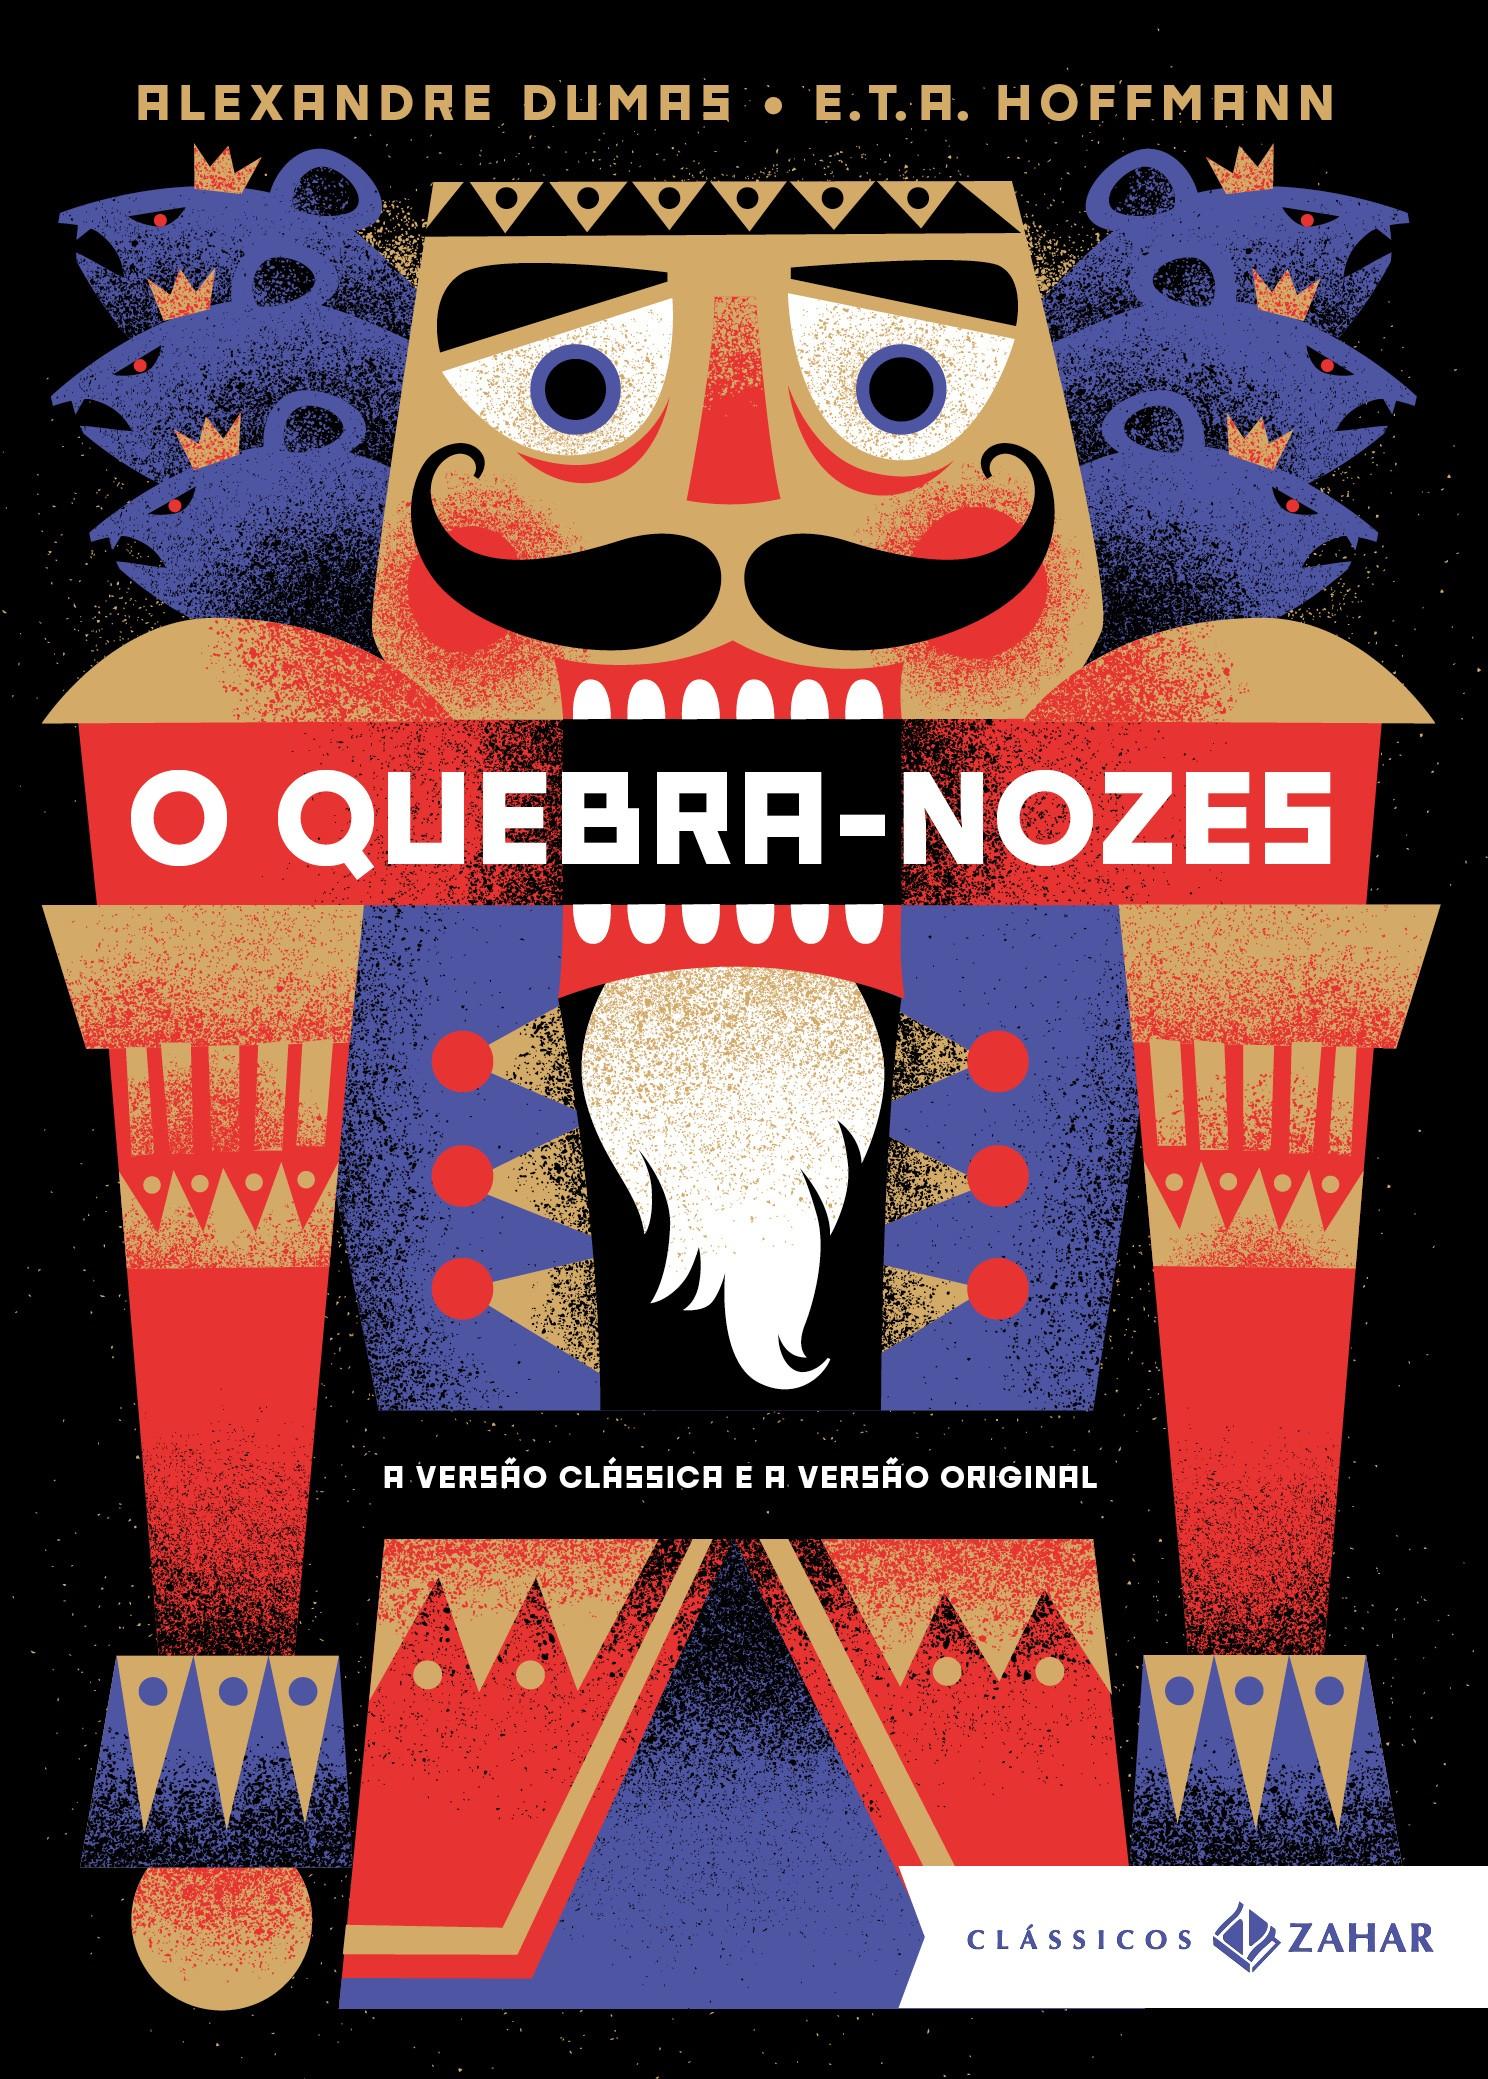 Edição de bolso de Quebra-Nozes (Foto: Divulgação)